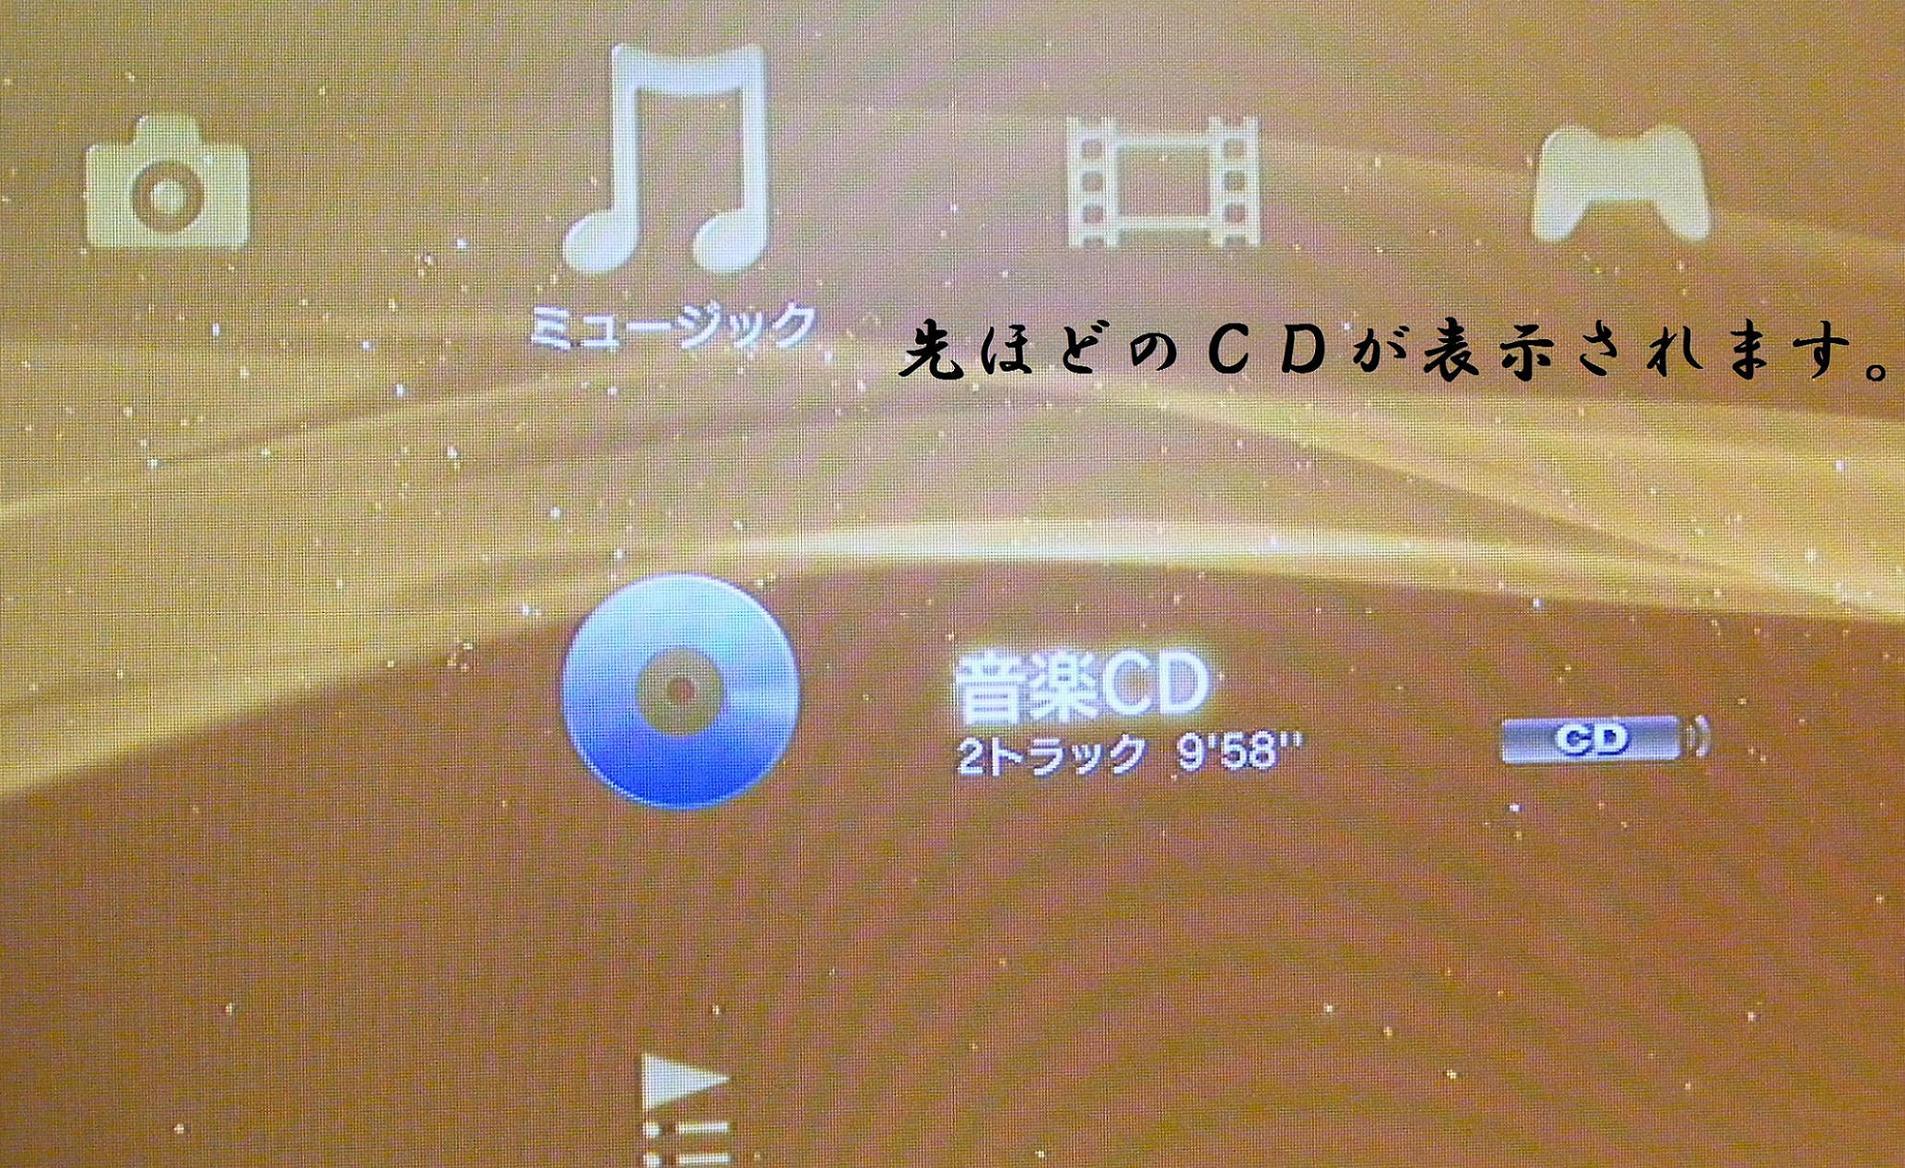 PS3 CD 3